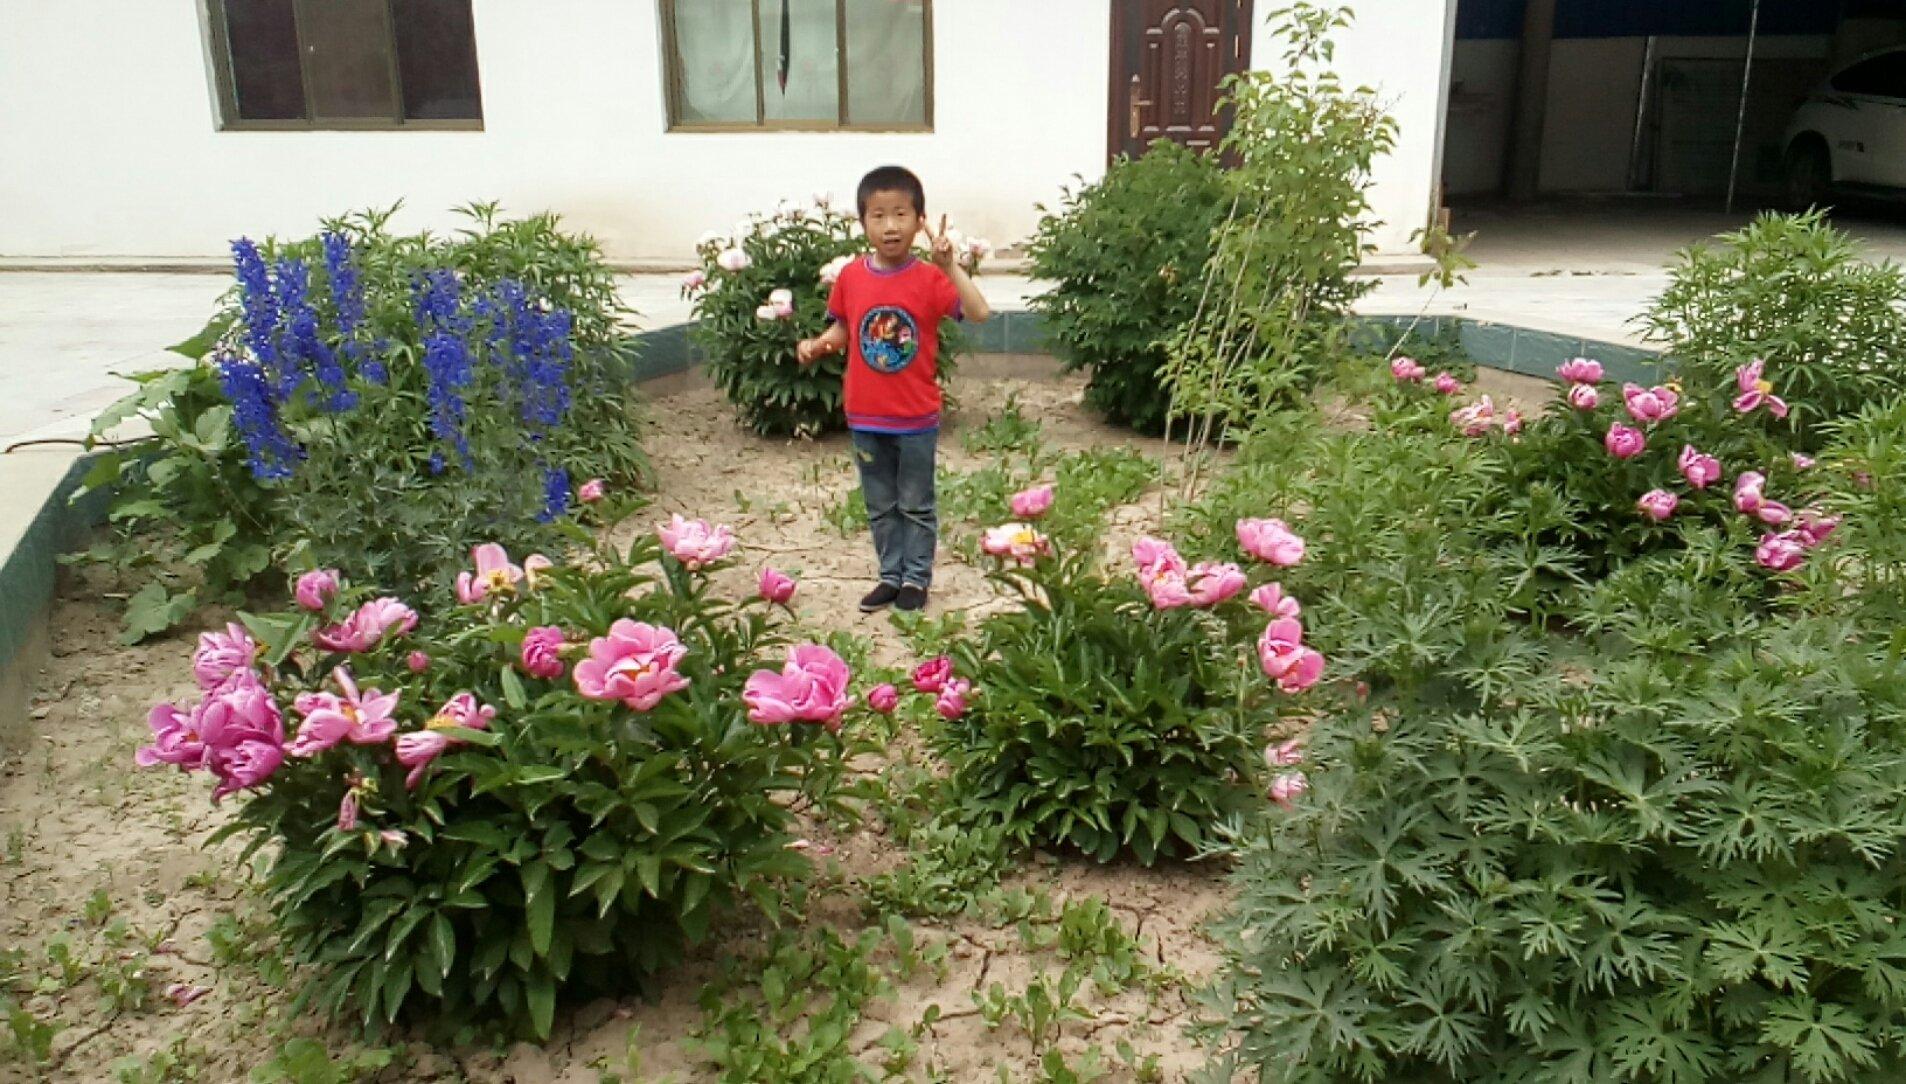 甘肃省张掖市山丹县210县道靠近城南村天气预报